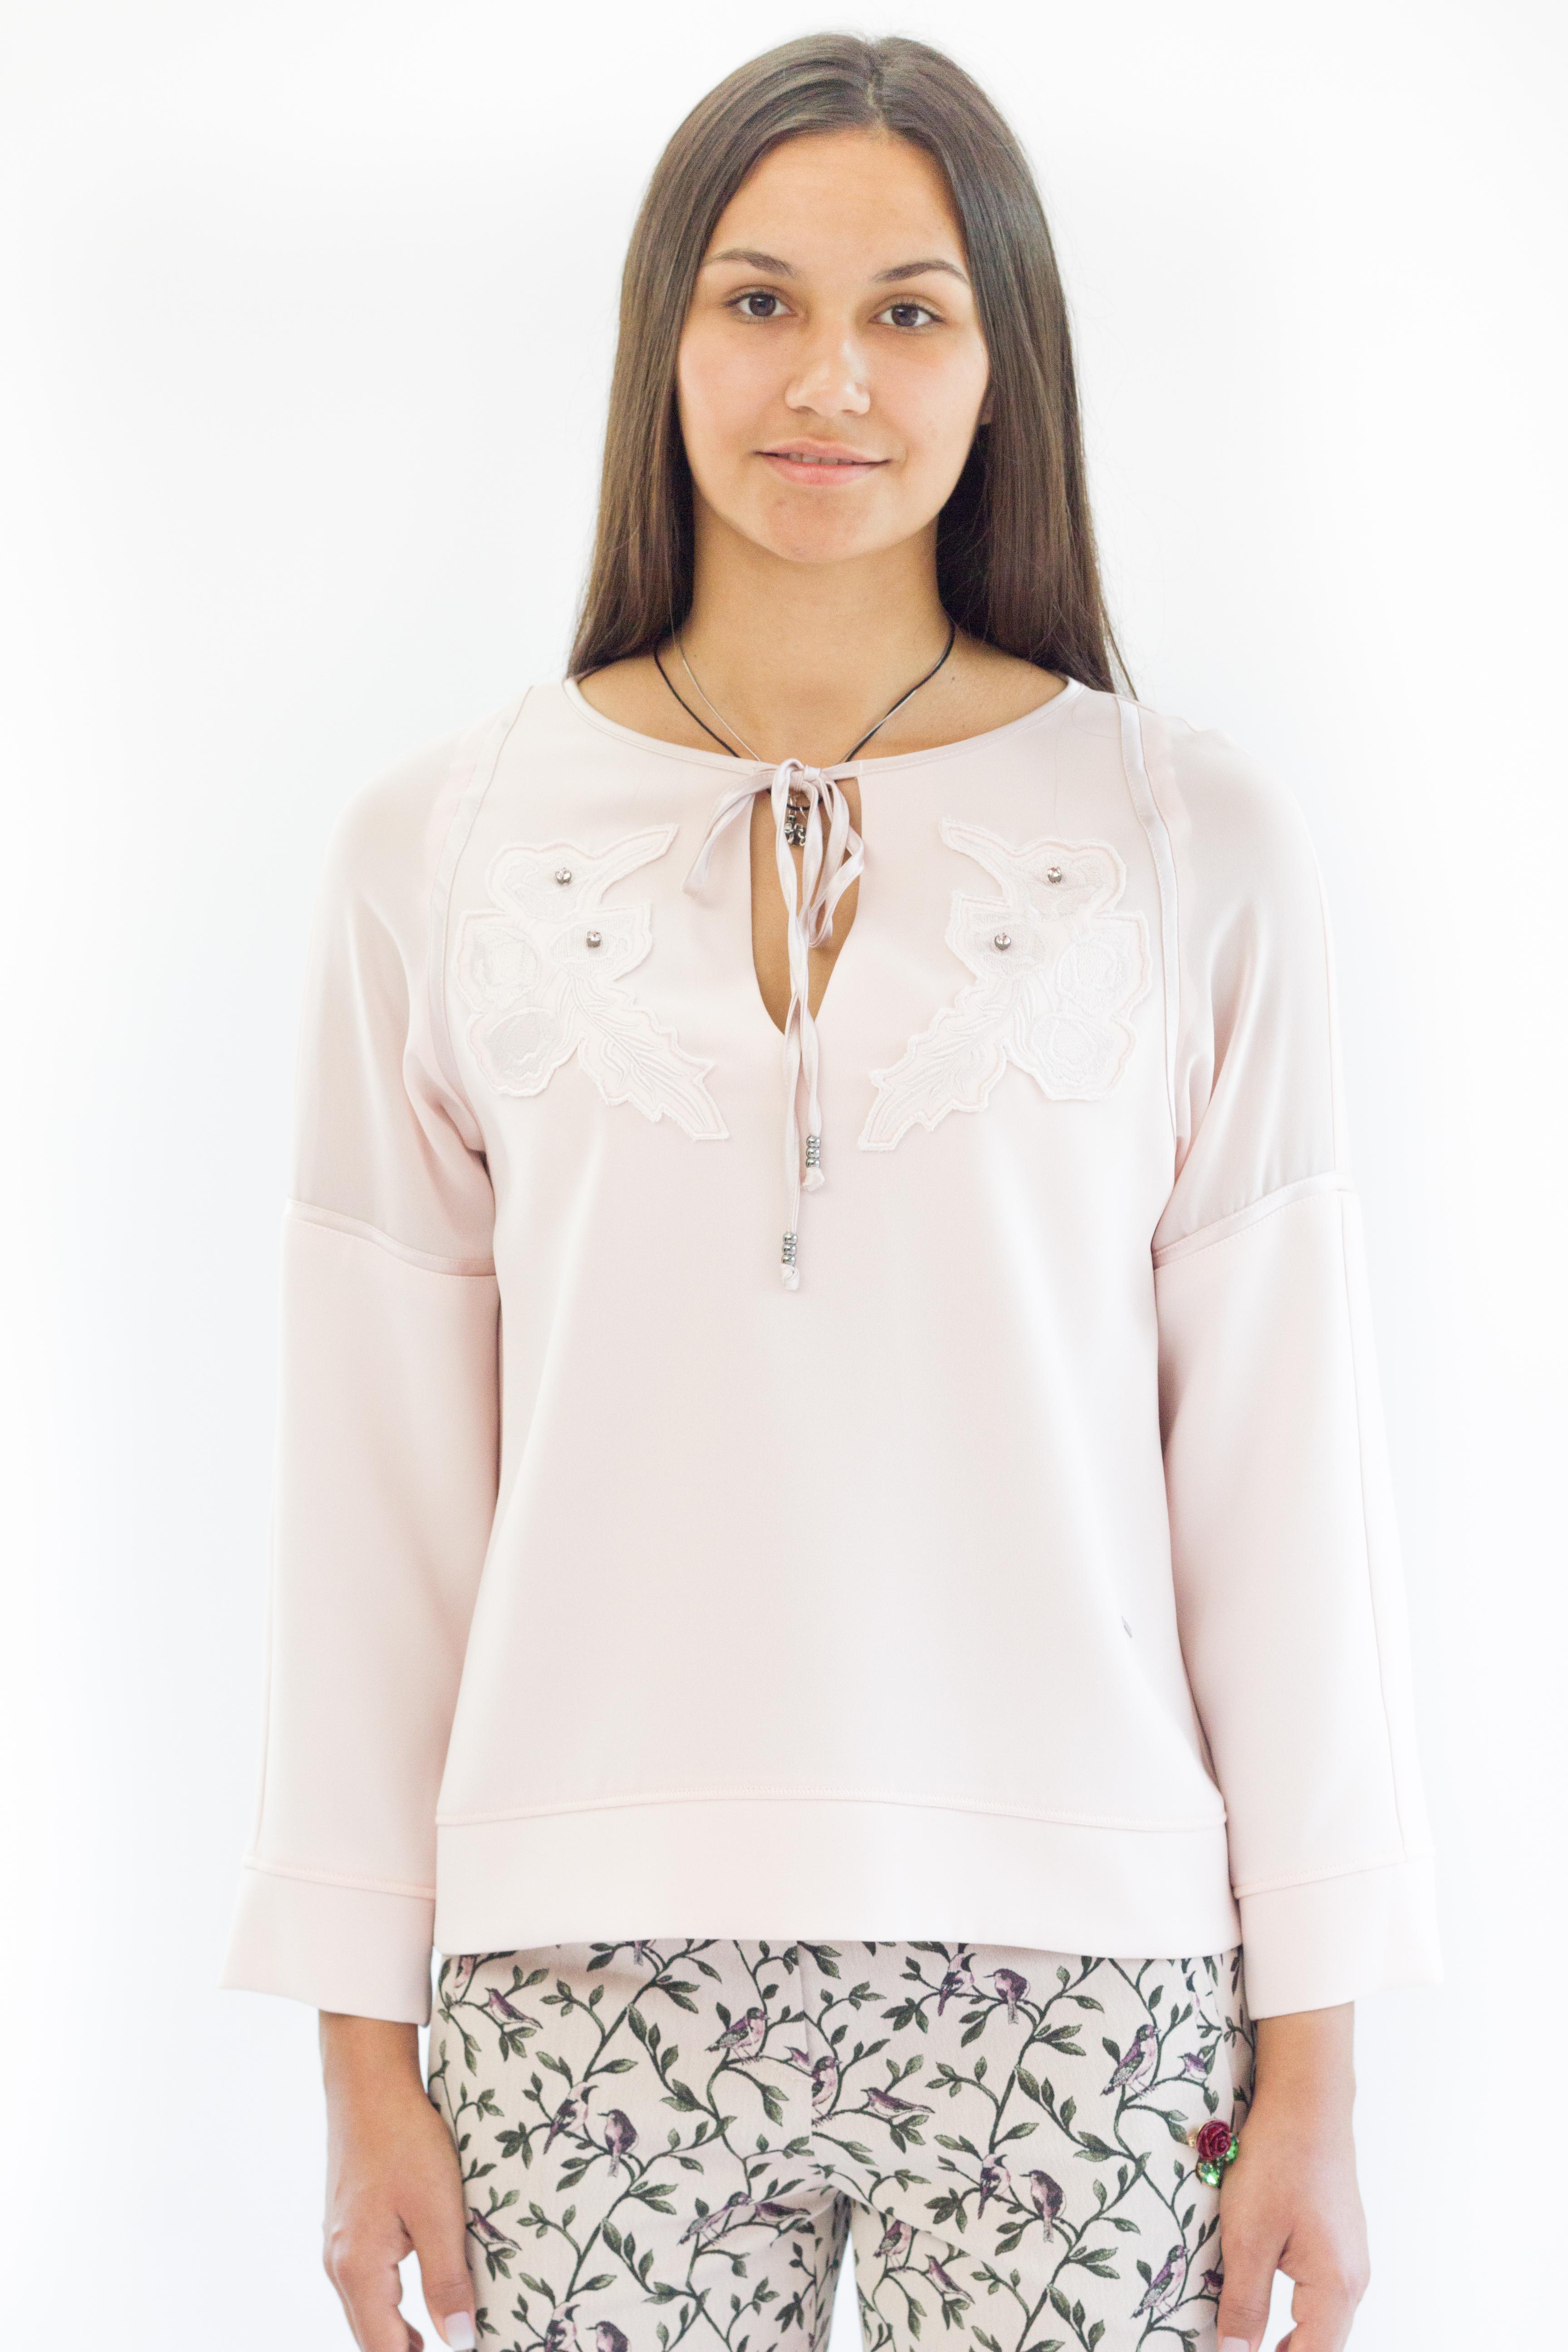 Женская одежда и аксессуары фото — Aland's